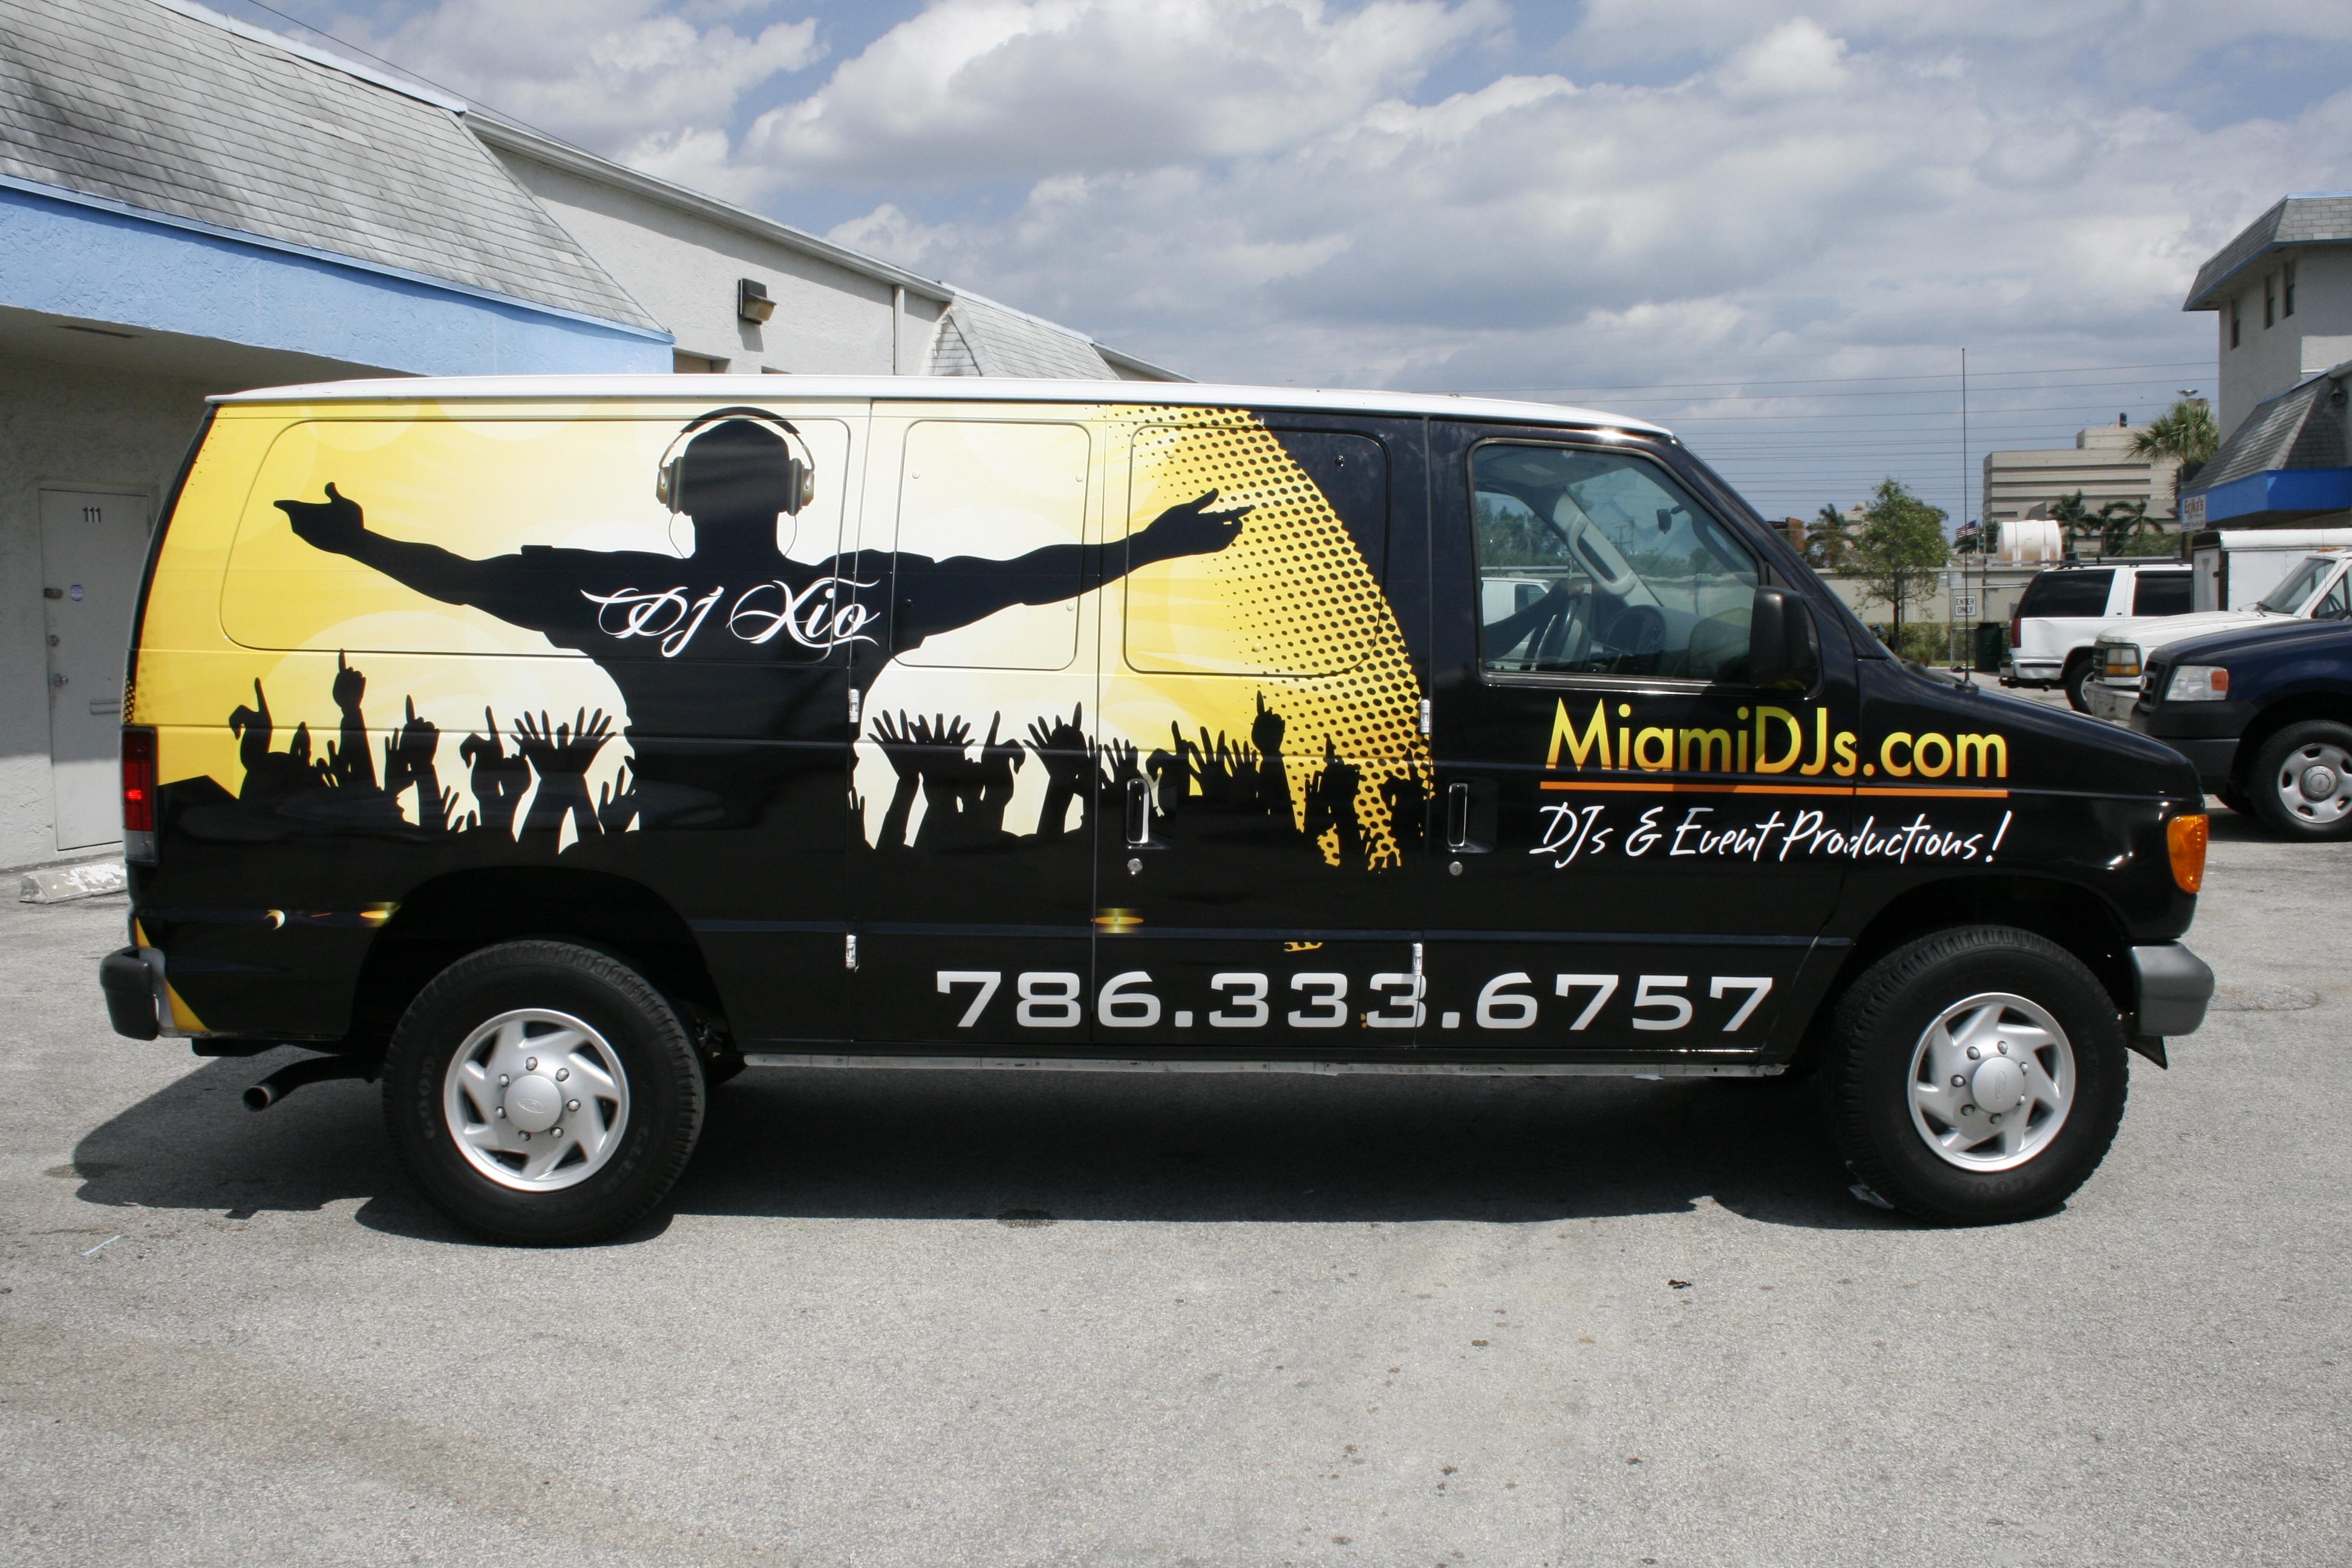 Car Wrap Vinyl >> Vinyl Wrap Advertising Commercial Cargo Van South Beach Miami Florida